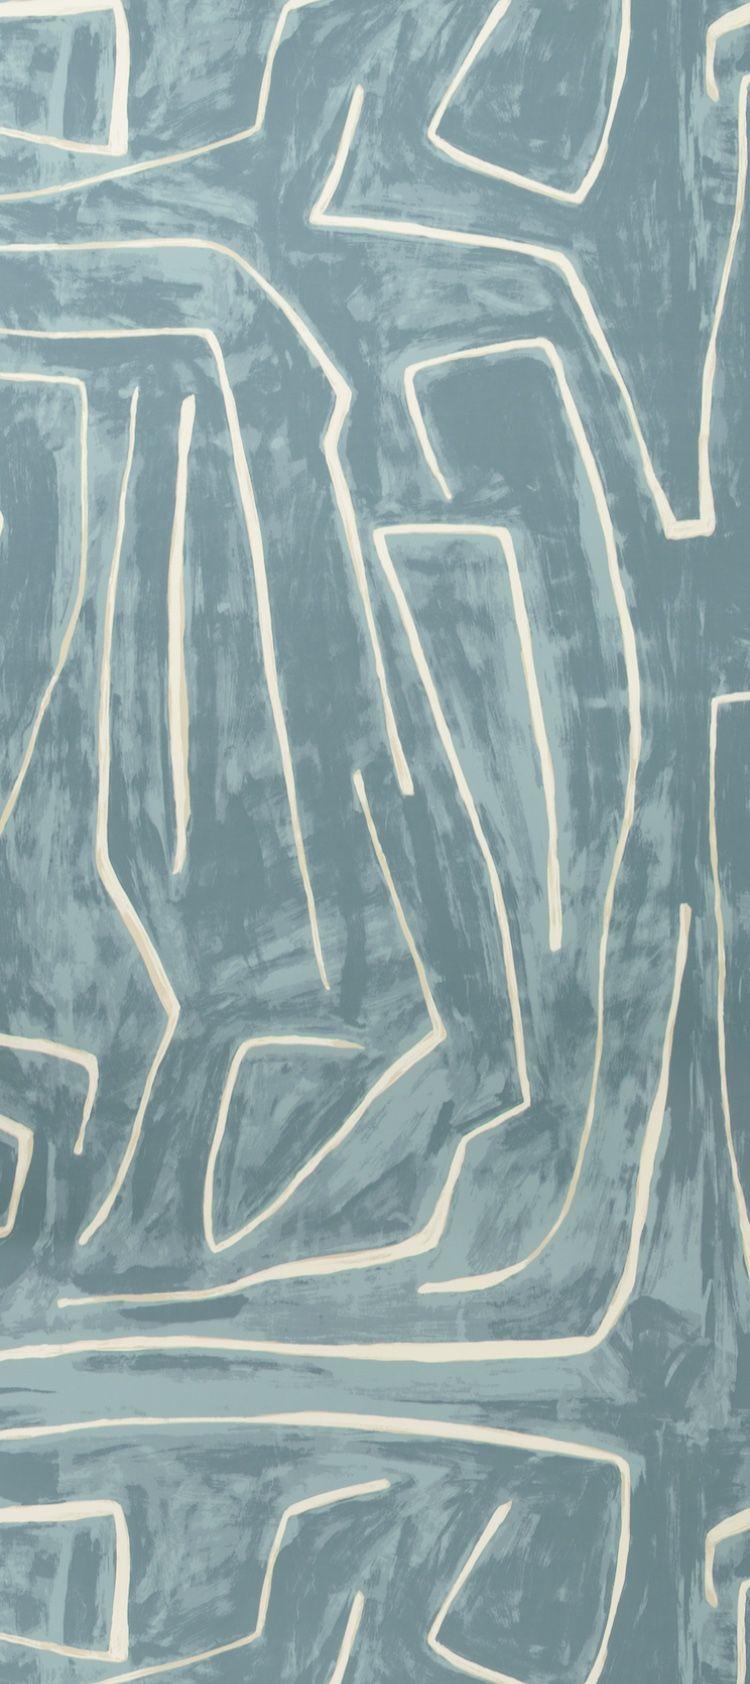 Graffito Wallpaper by Kelly Wearstler in 2020 Kelly